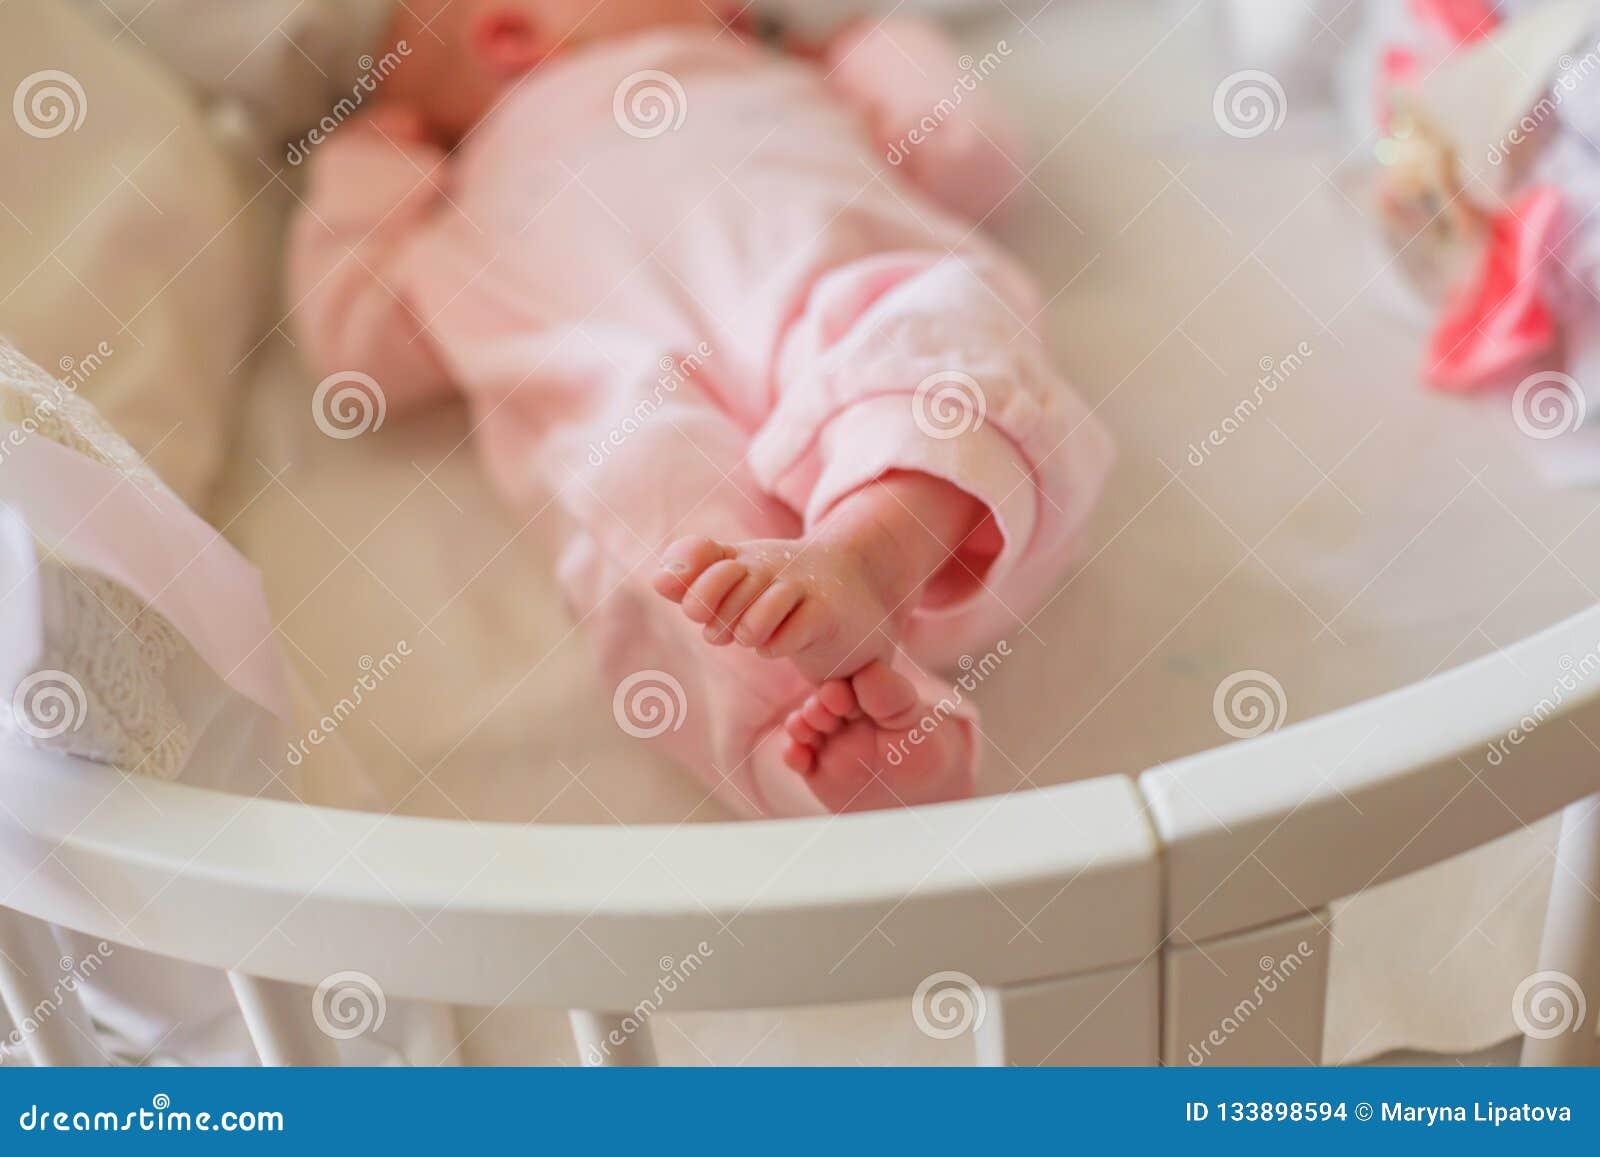 Небольшие ноги младенца одетые в розовом romper Крошечные пальцы newborn Ребенок пересекал ноги и лож в круглой белой кровати